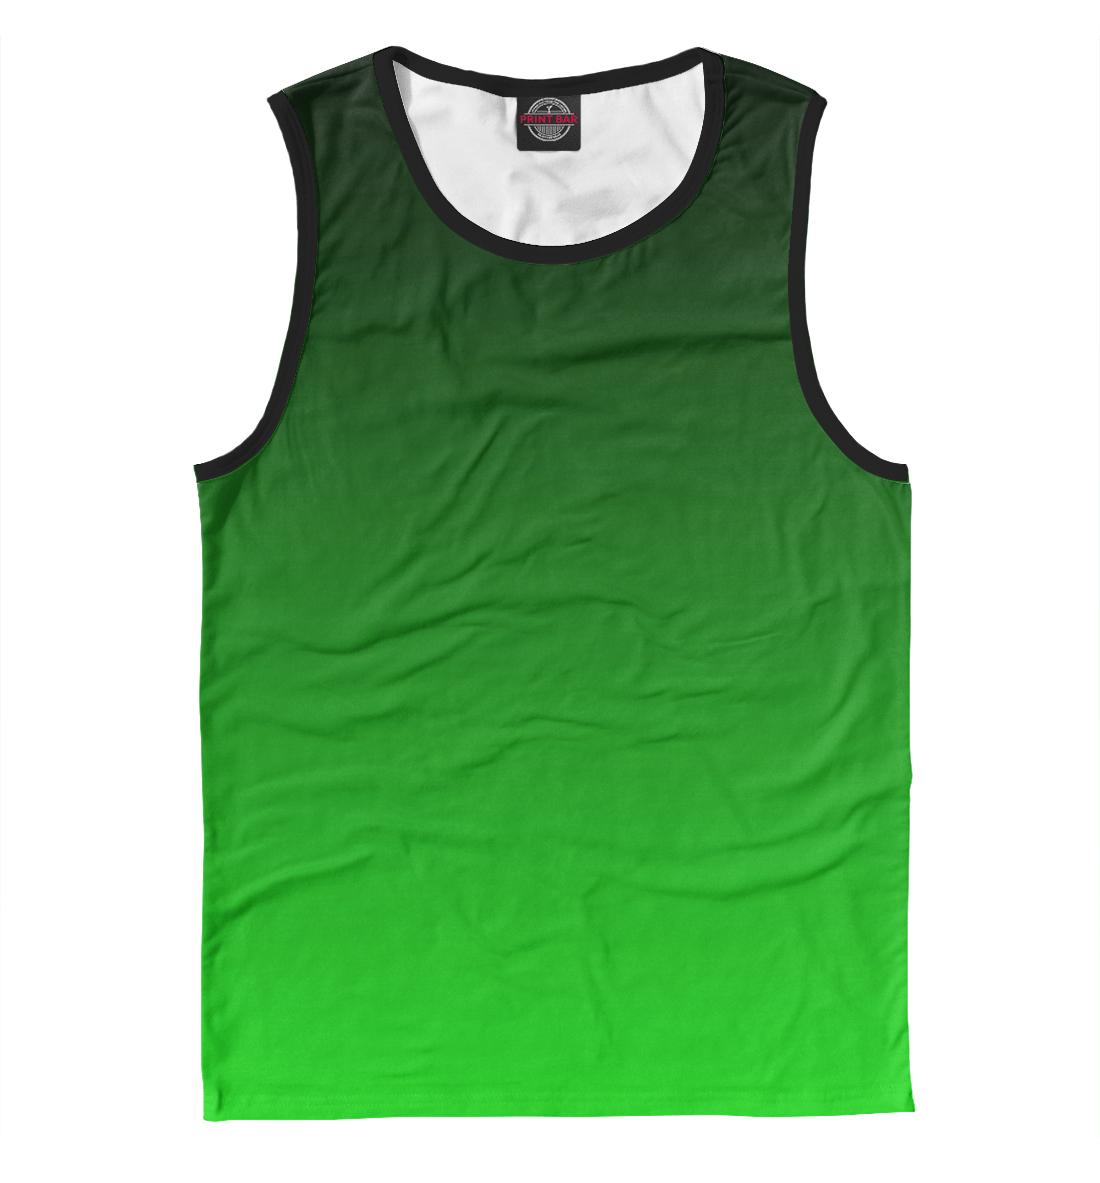 Купить Градиент Зеленый в Черный, Printbar, Майки, CLR-327769-may-2